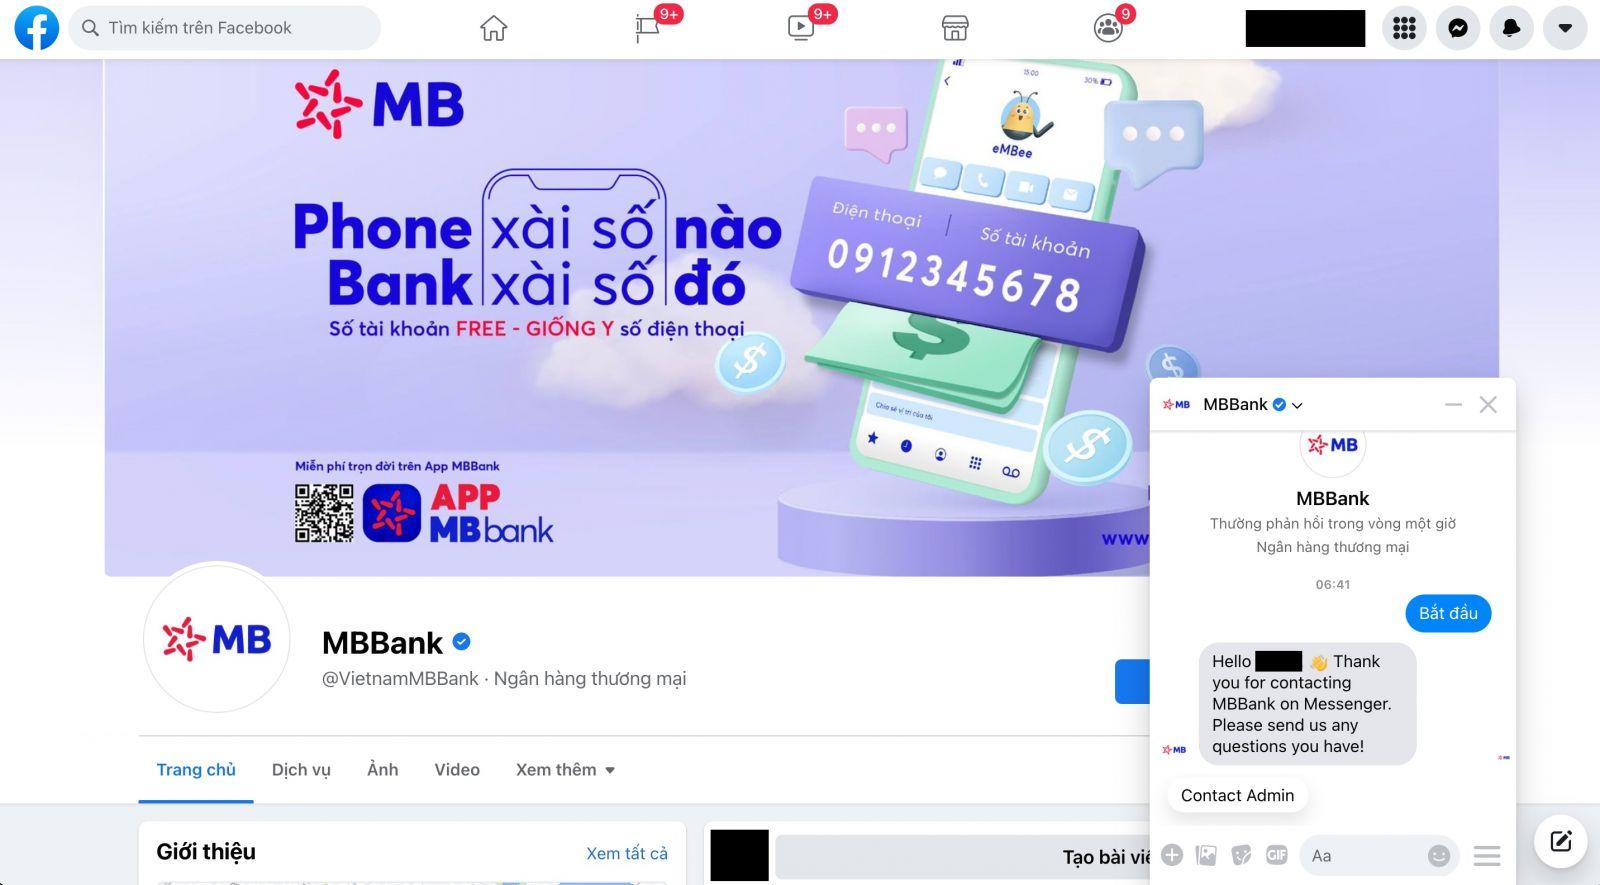 CSKH thông qua Facebook MB Bank